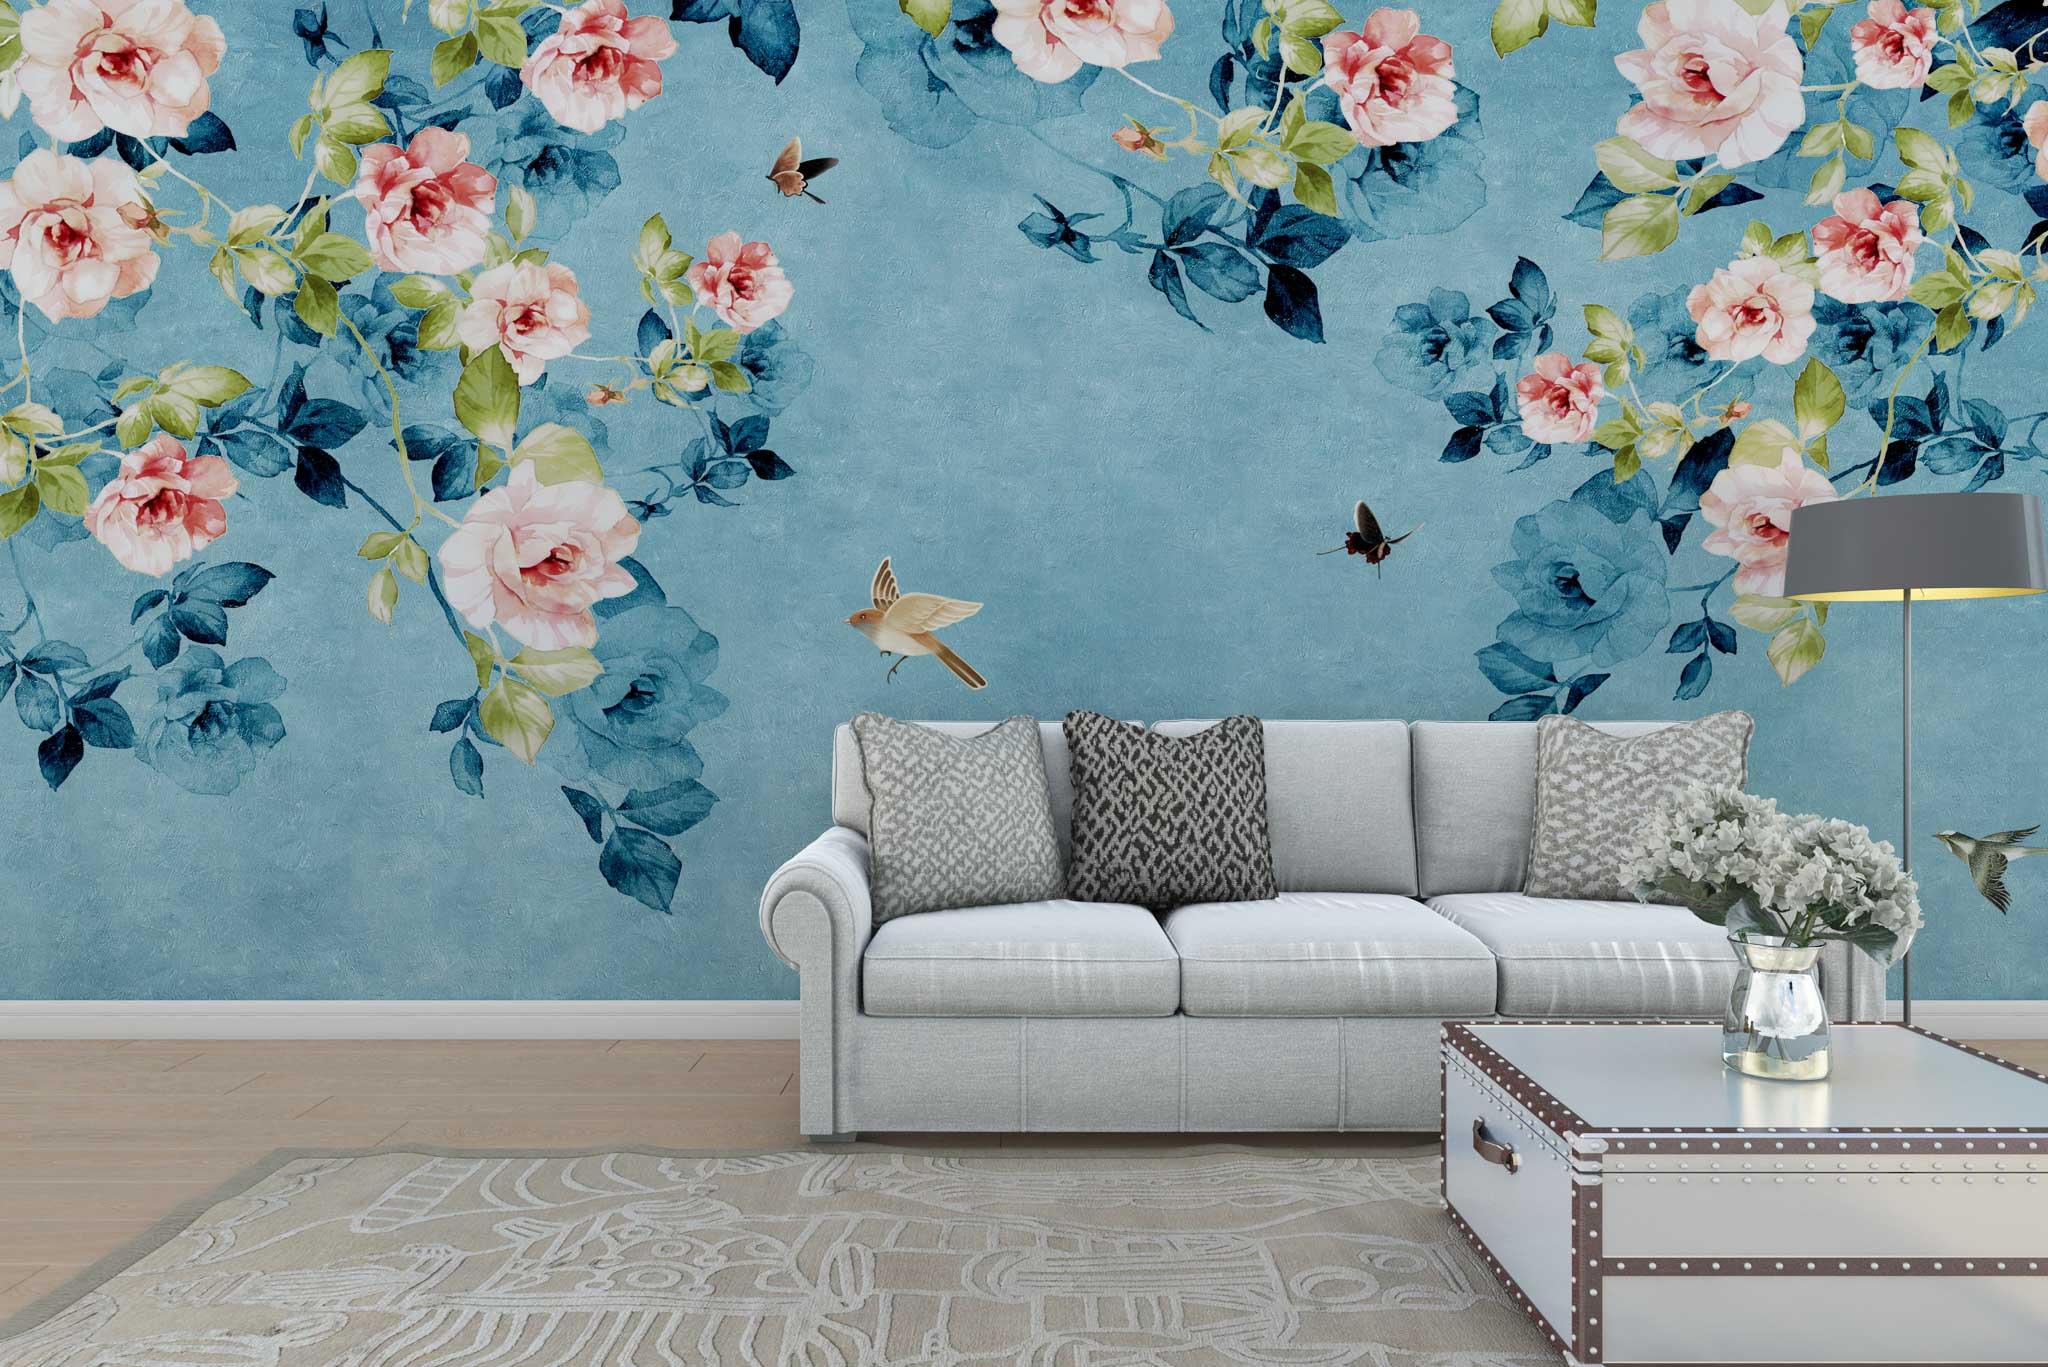 tapet-fototapet-personalizat-comanda-bucuresti-model-floral-ramuri-trandafiri-roz-bleu-albastru-perete-lux-special